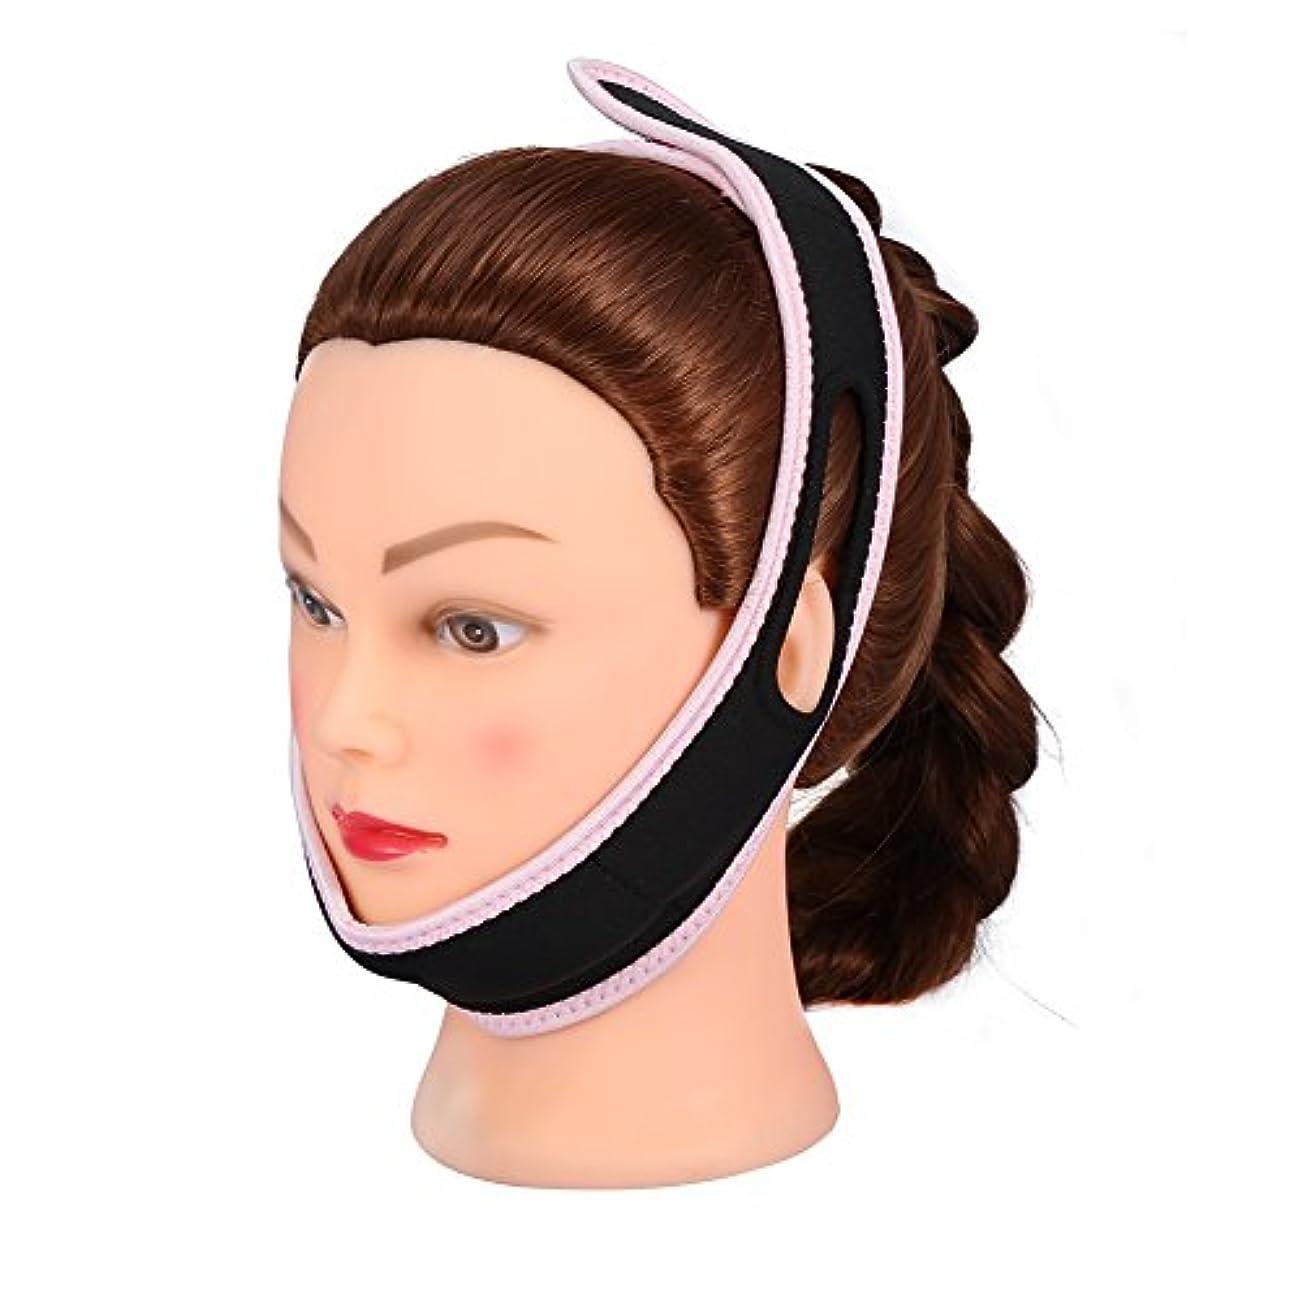 遺体安置所リラックスご覧ください顔の包帯フェイシャルスリミングマスクナイロン&ポリエステルフェイスケアのための薄い首の顔リフトダブルチン女性、黒